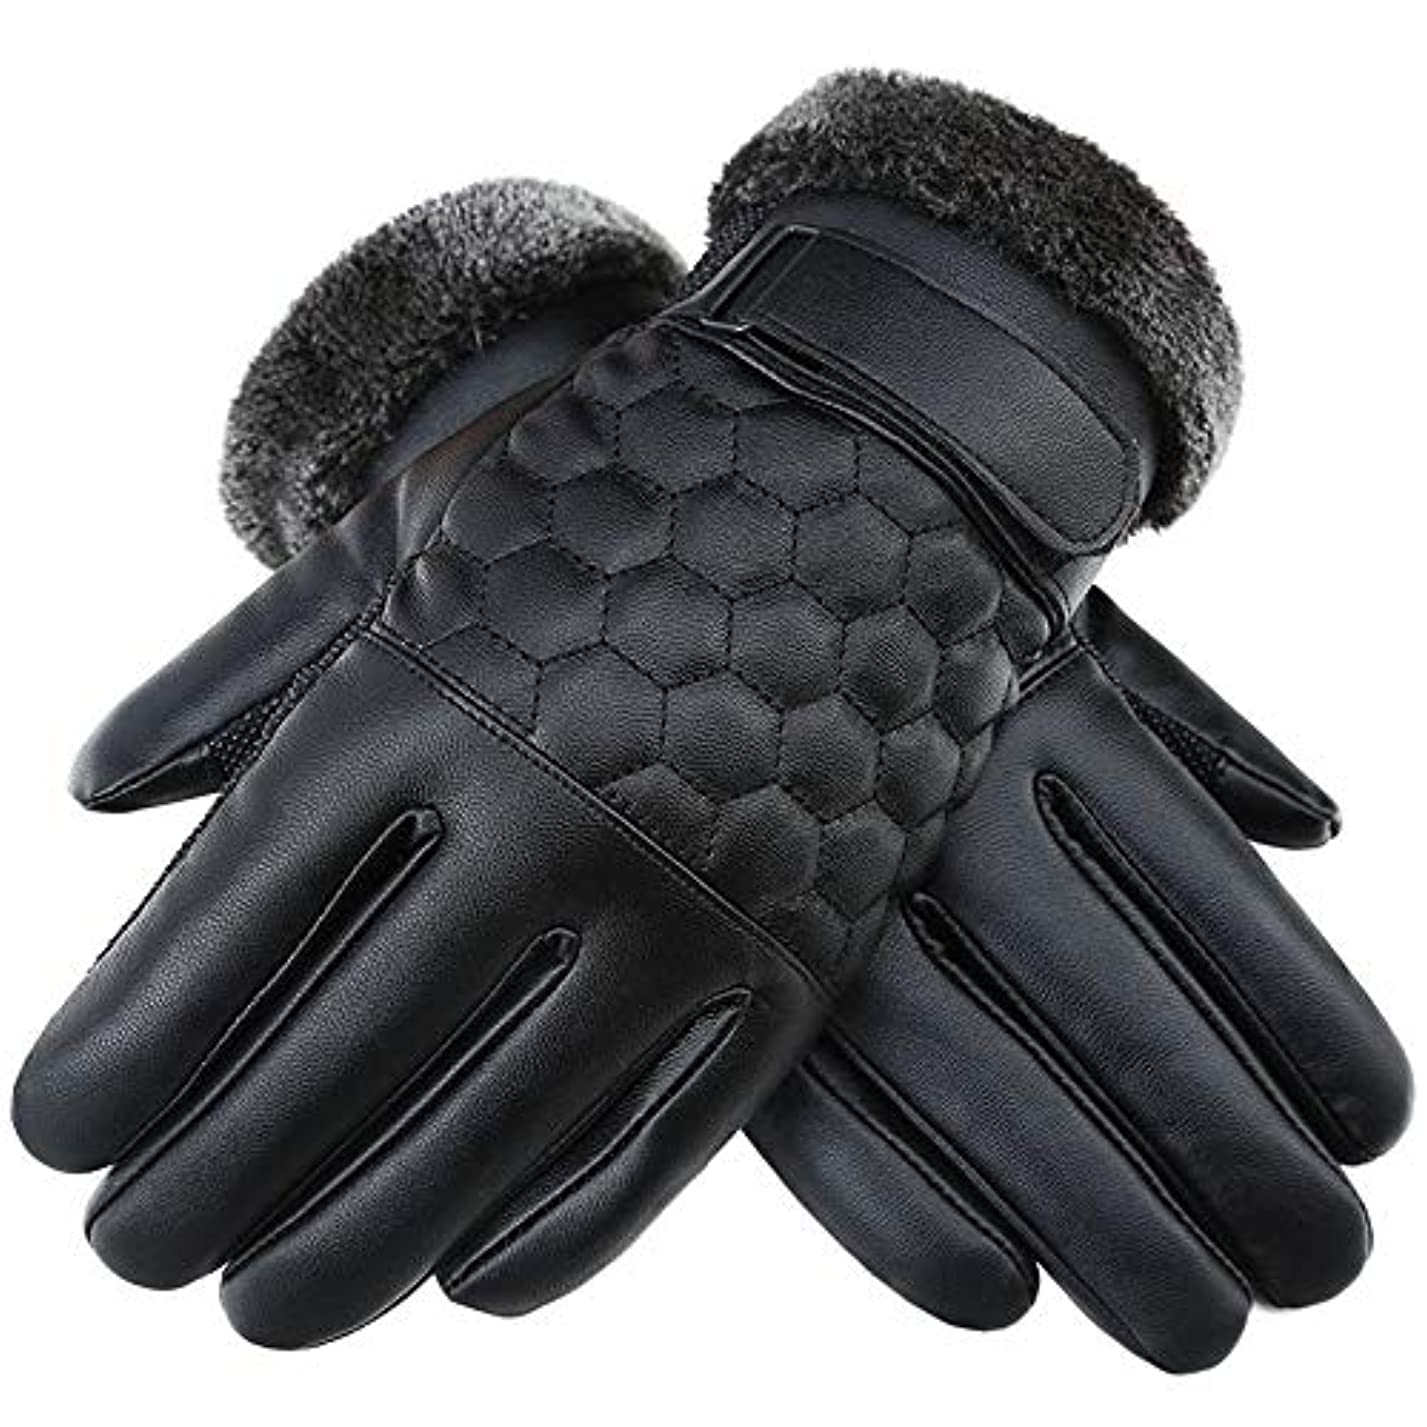 交通渋滞まあ七面鳥革手袋、防風および耐寒性、PU レザー、メンズブラックグローブ、冬の屋外スキー、乗馬、登山スポーツ手袋